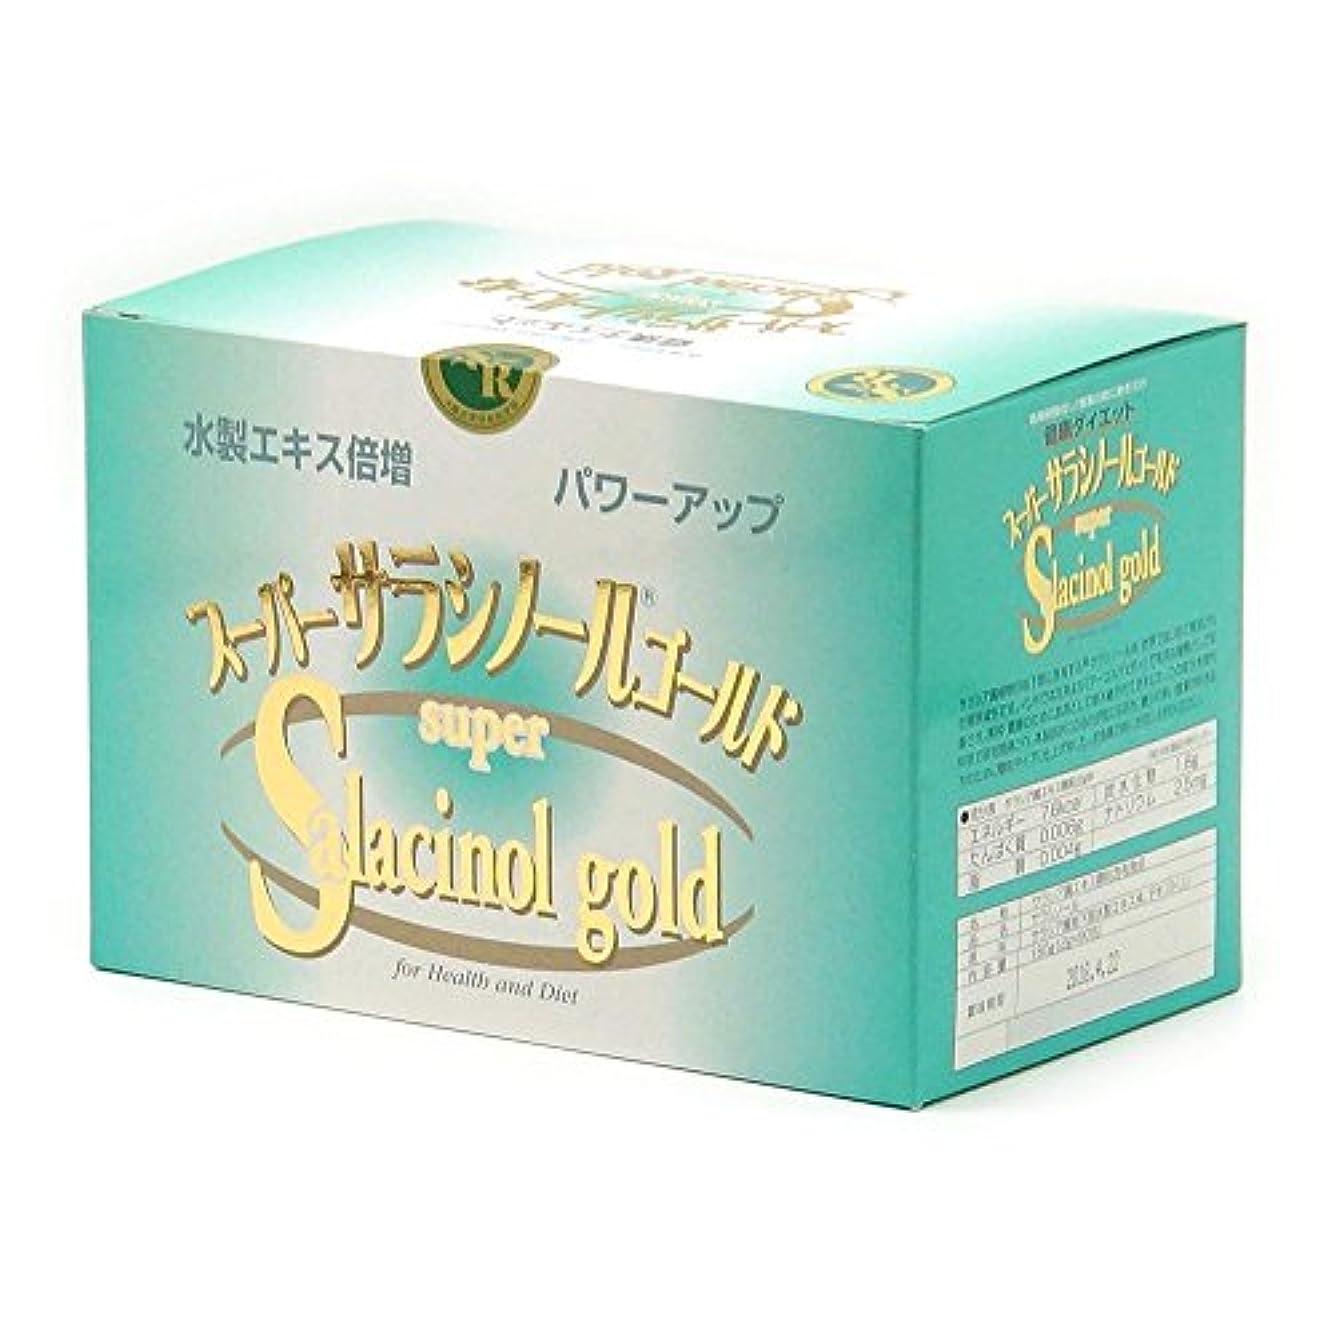 先紀元前引用スーパーサラシノールゴールド 2g×90包×3箱セット